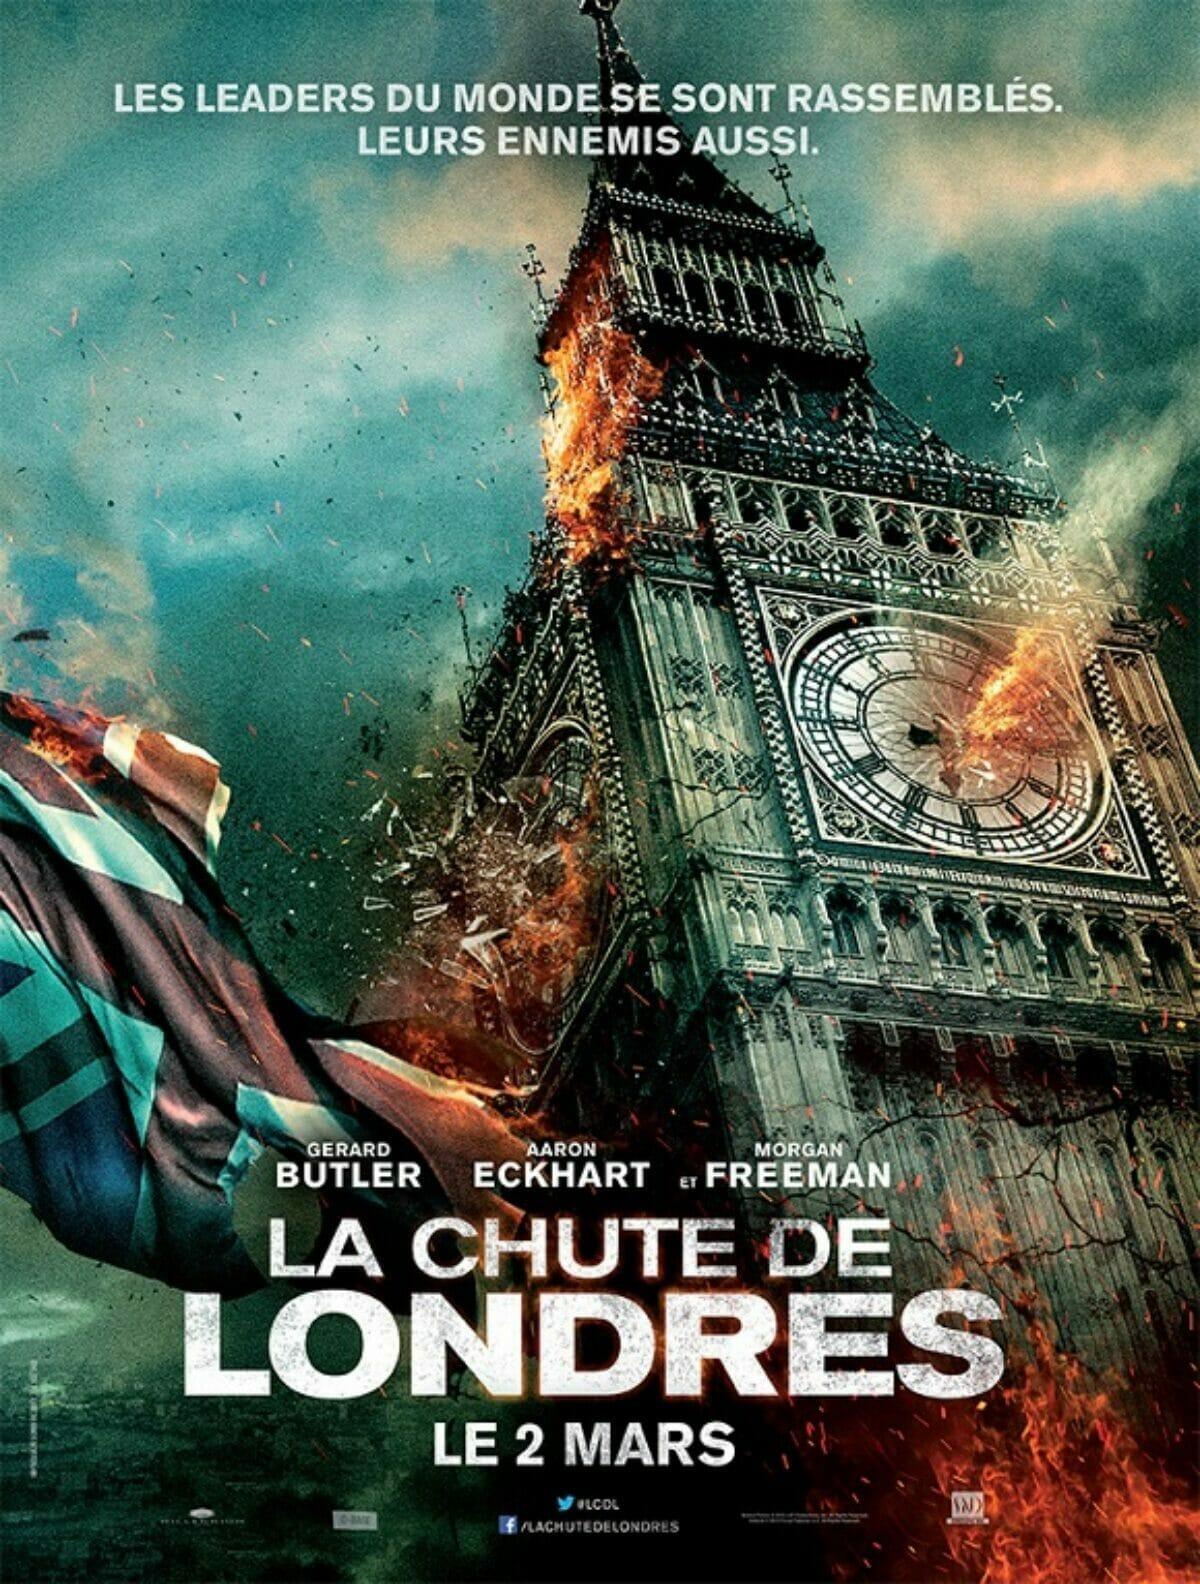 La-Chute-de-Londres-poster